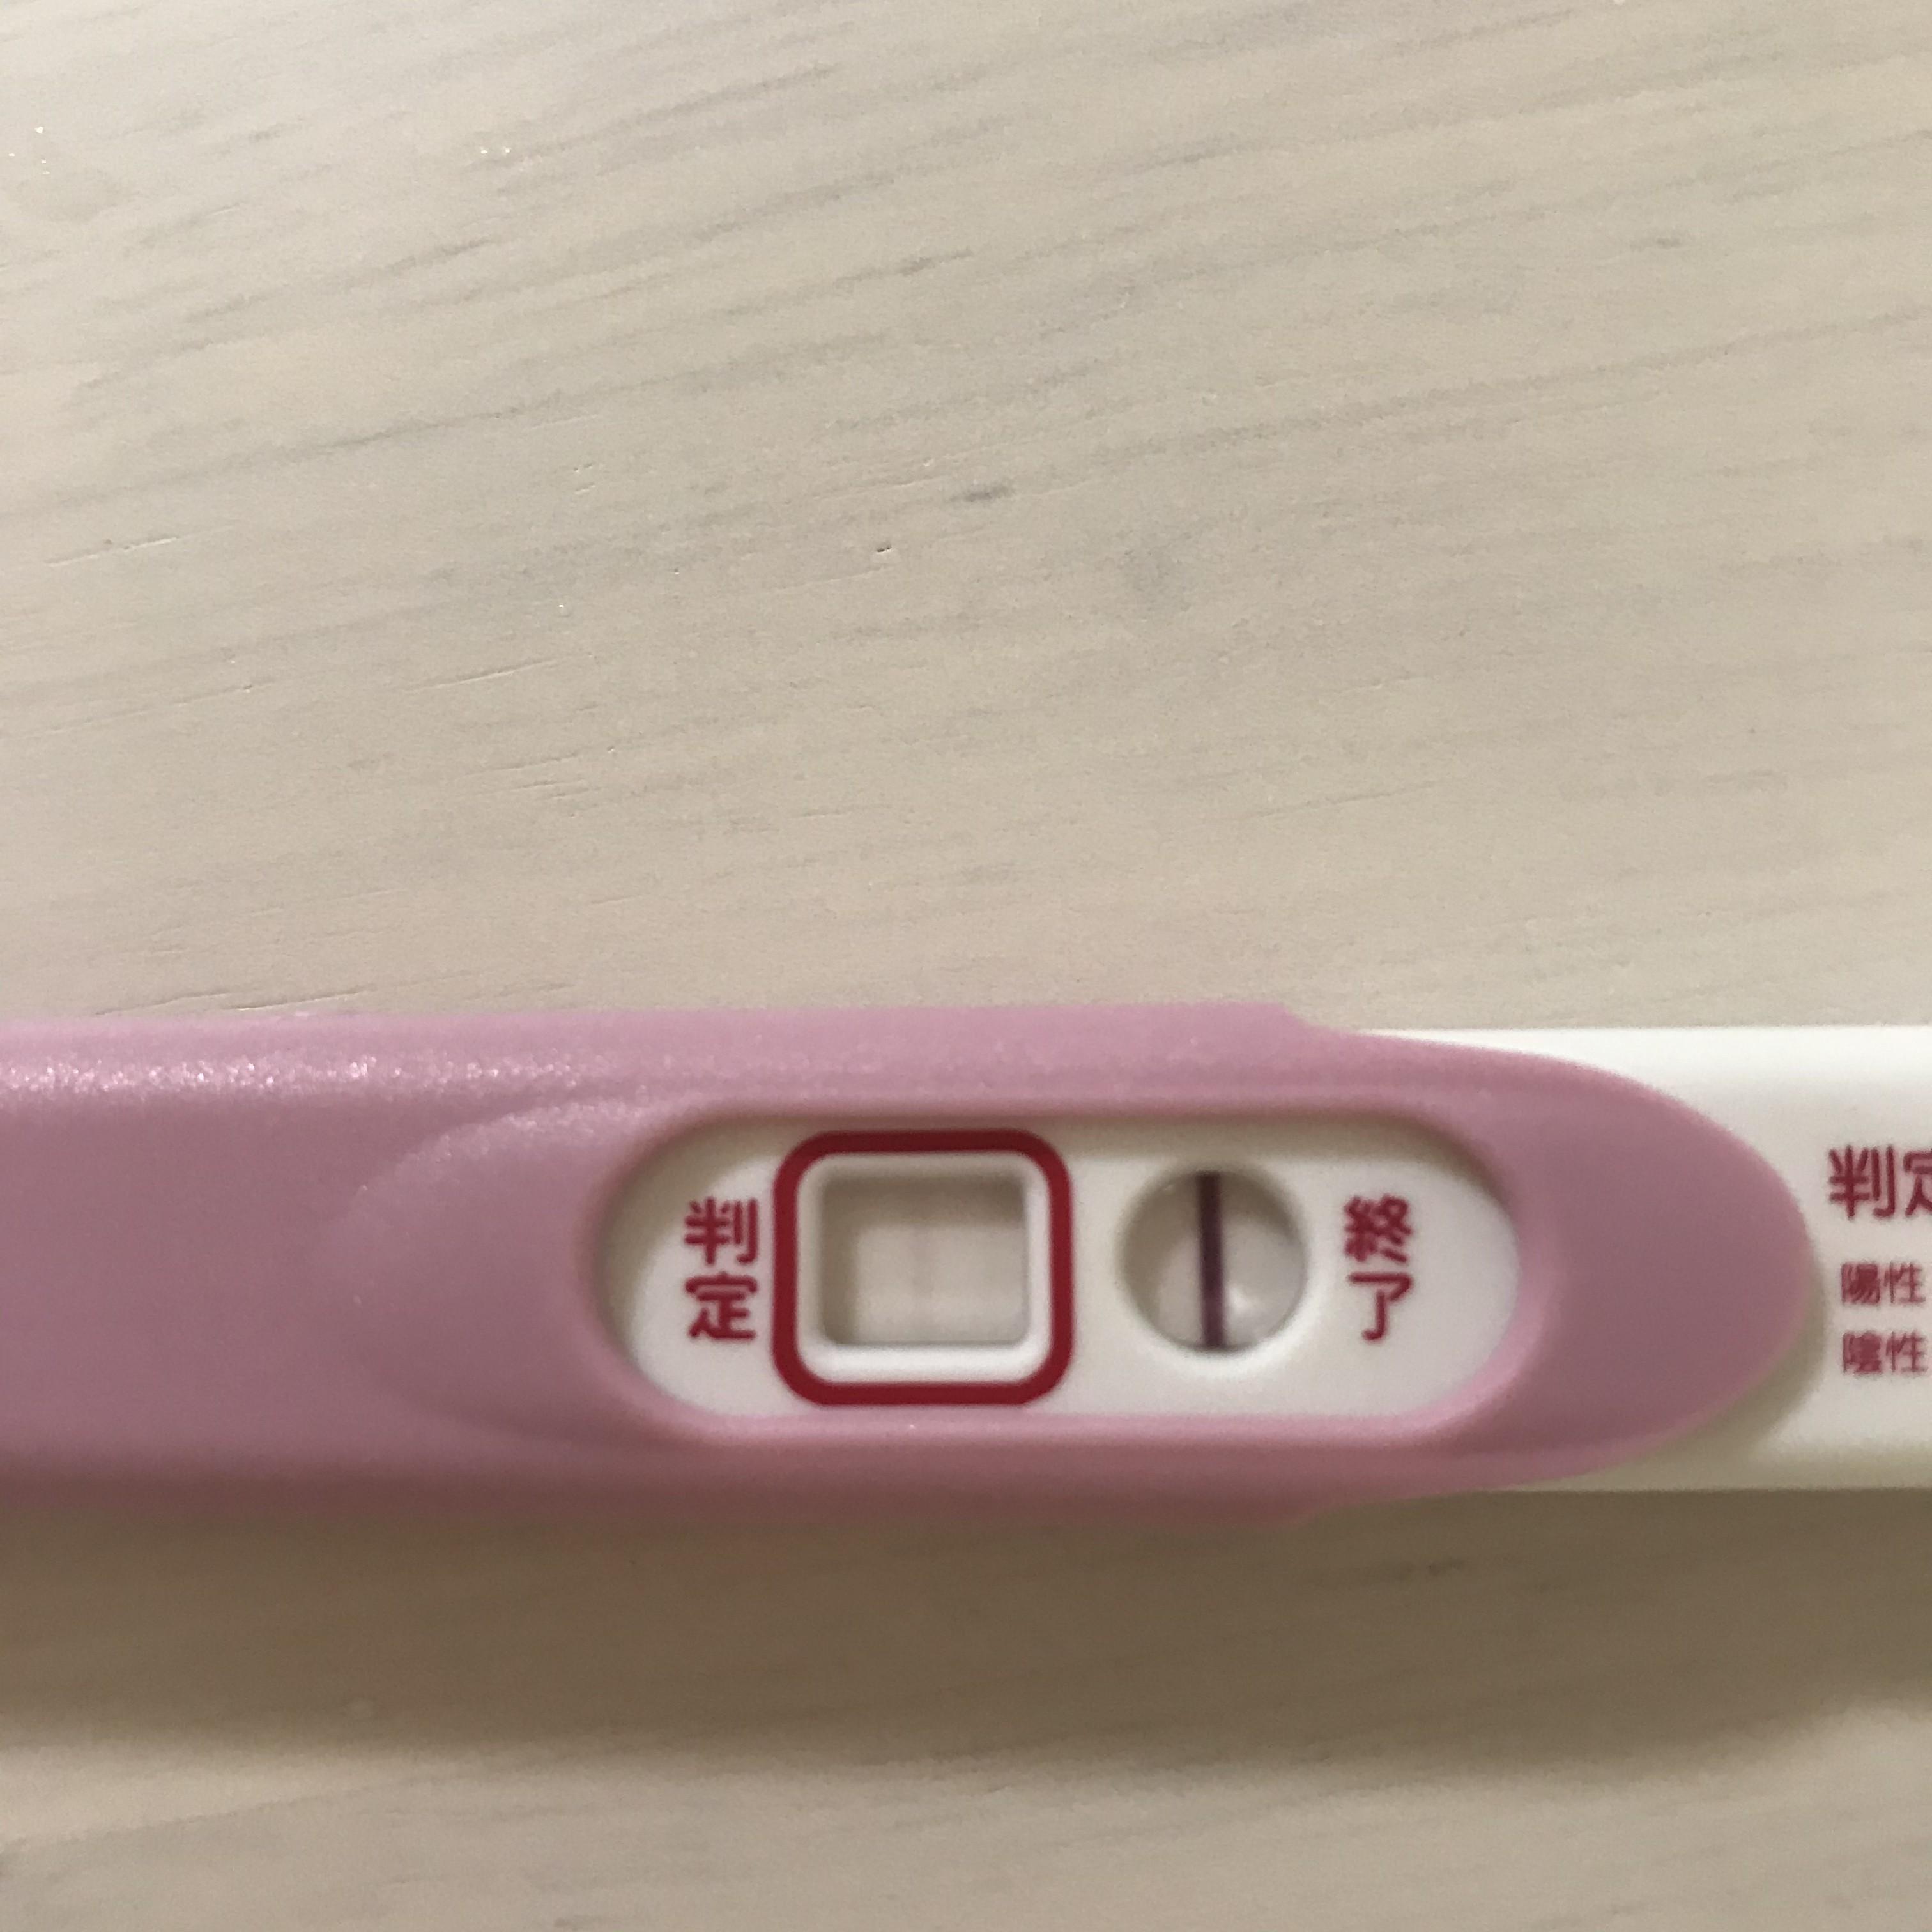 性 生理 可能 妊娠 2 終わる で 日